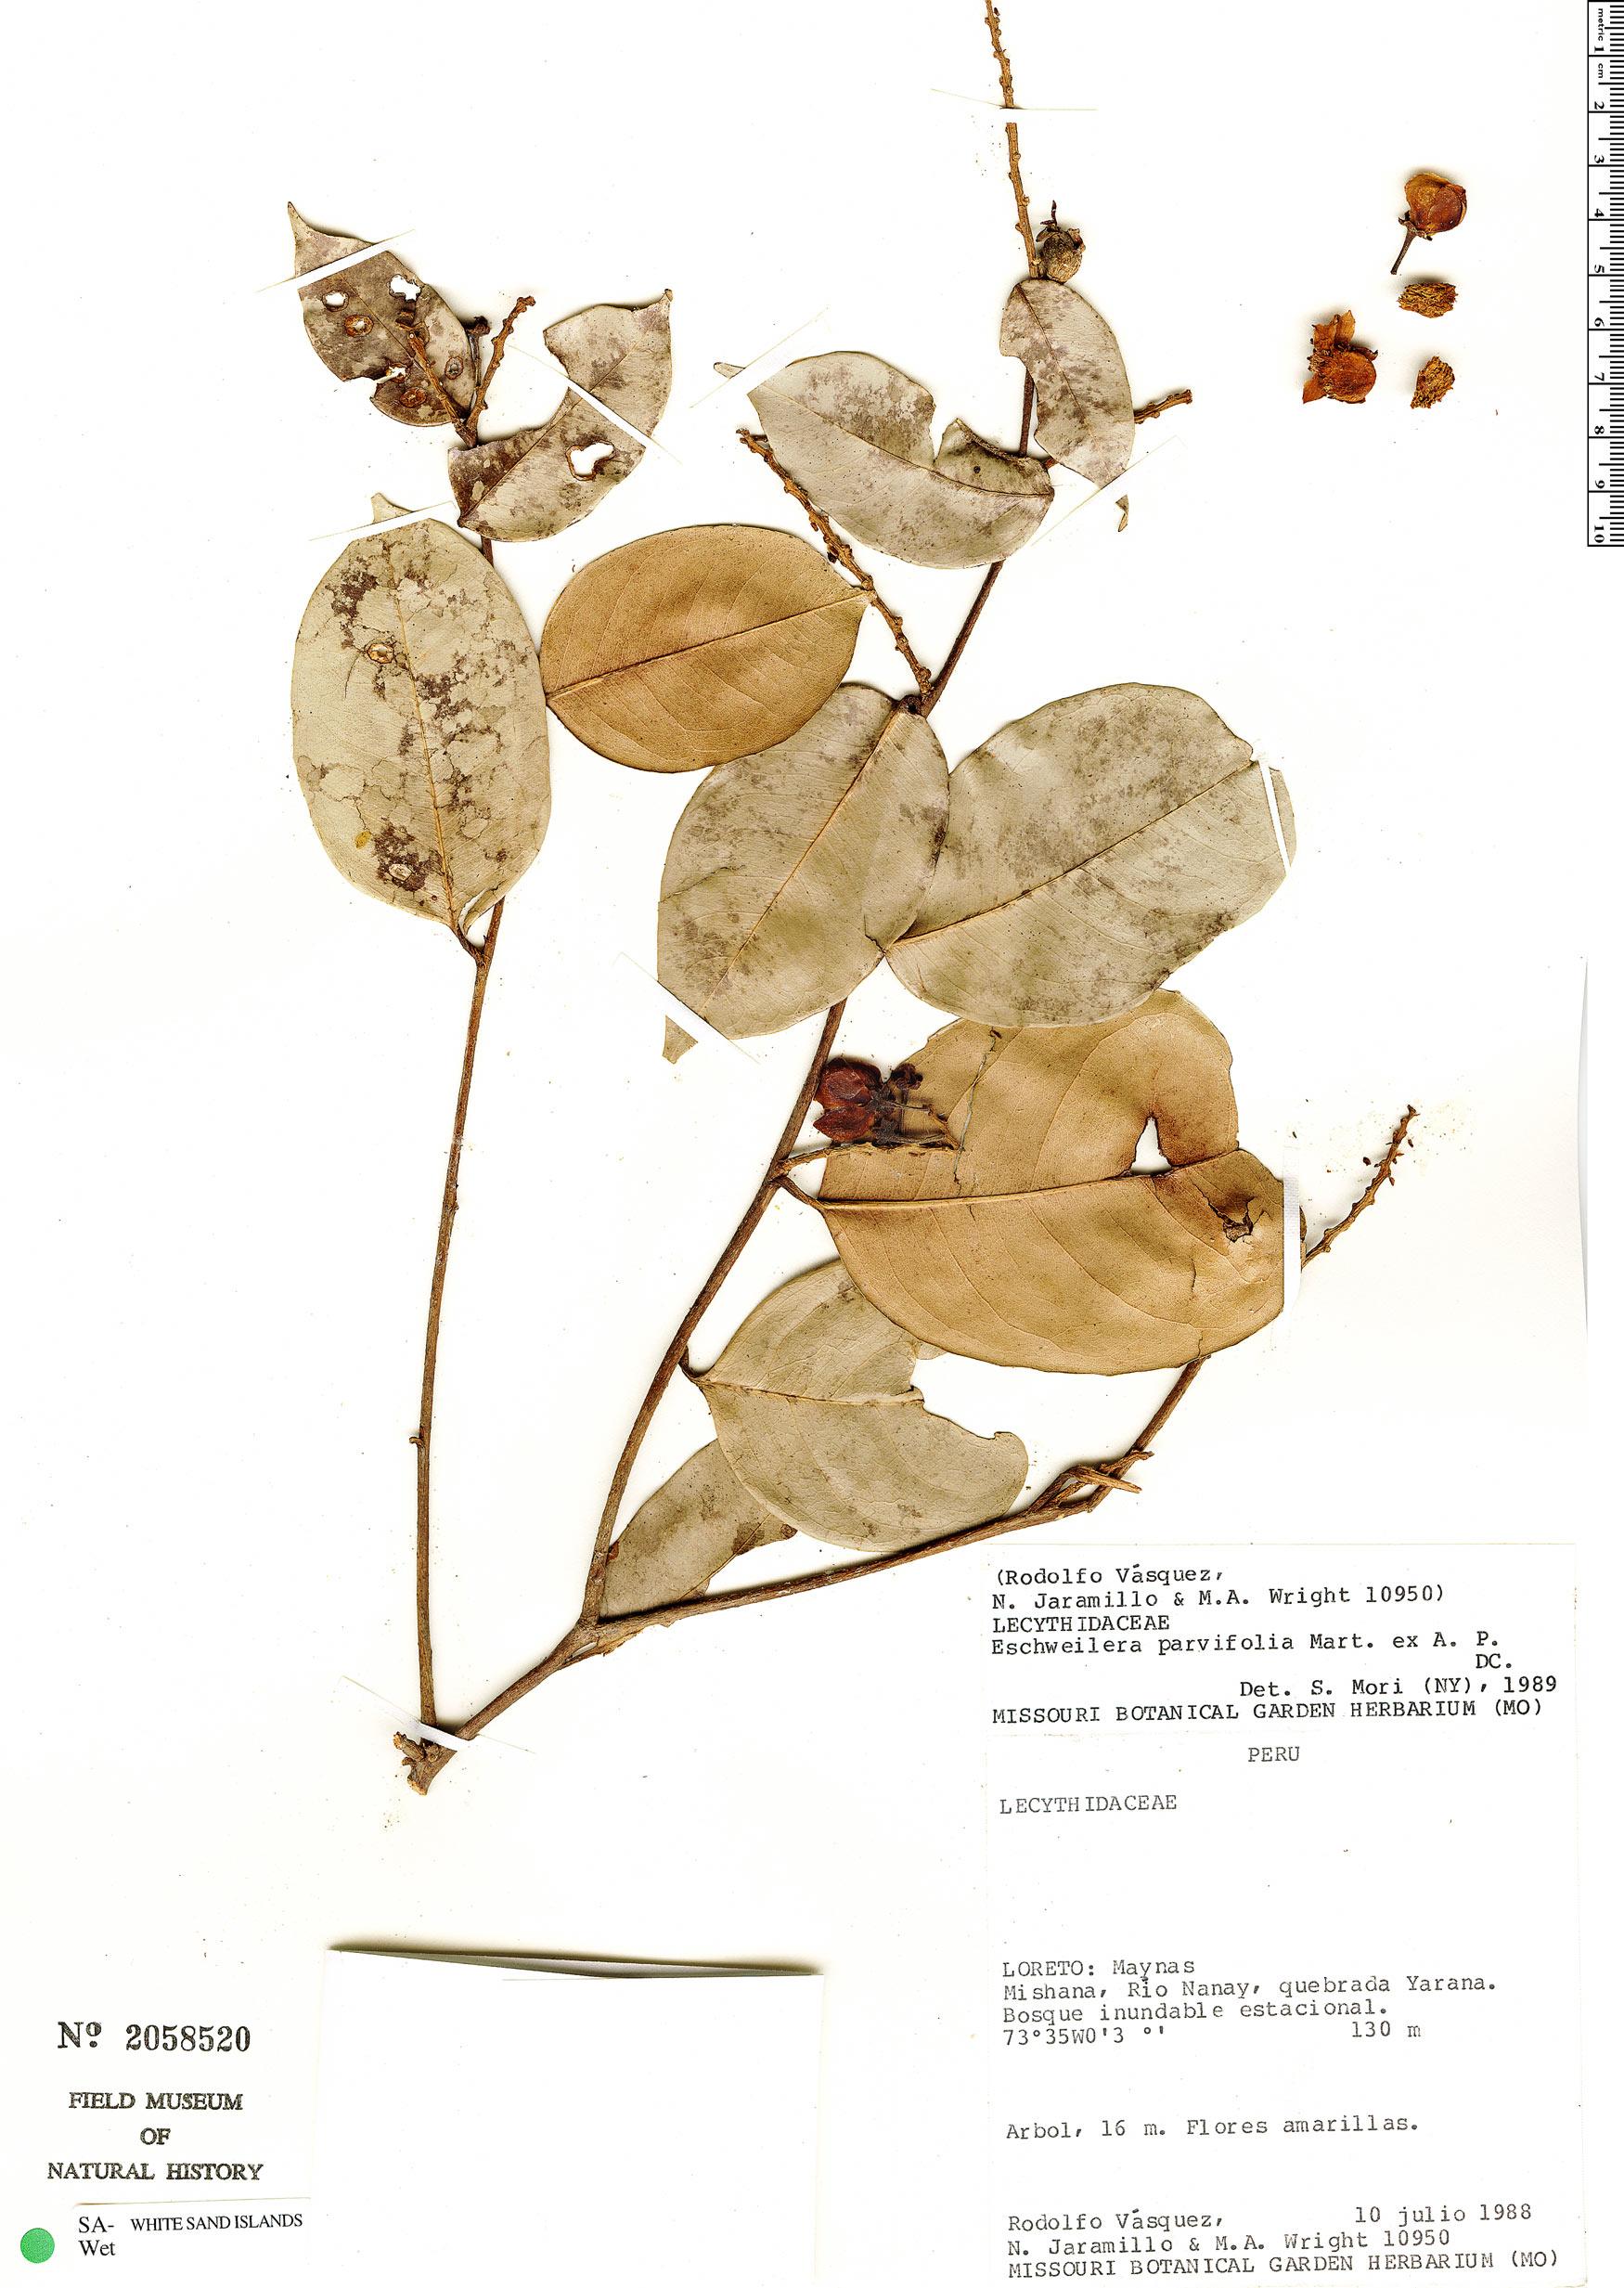 Specimen: Eschweilera parvifolia